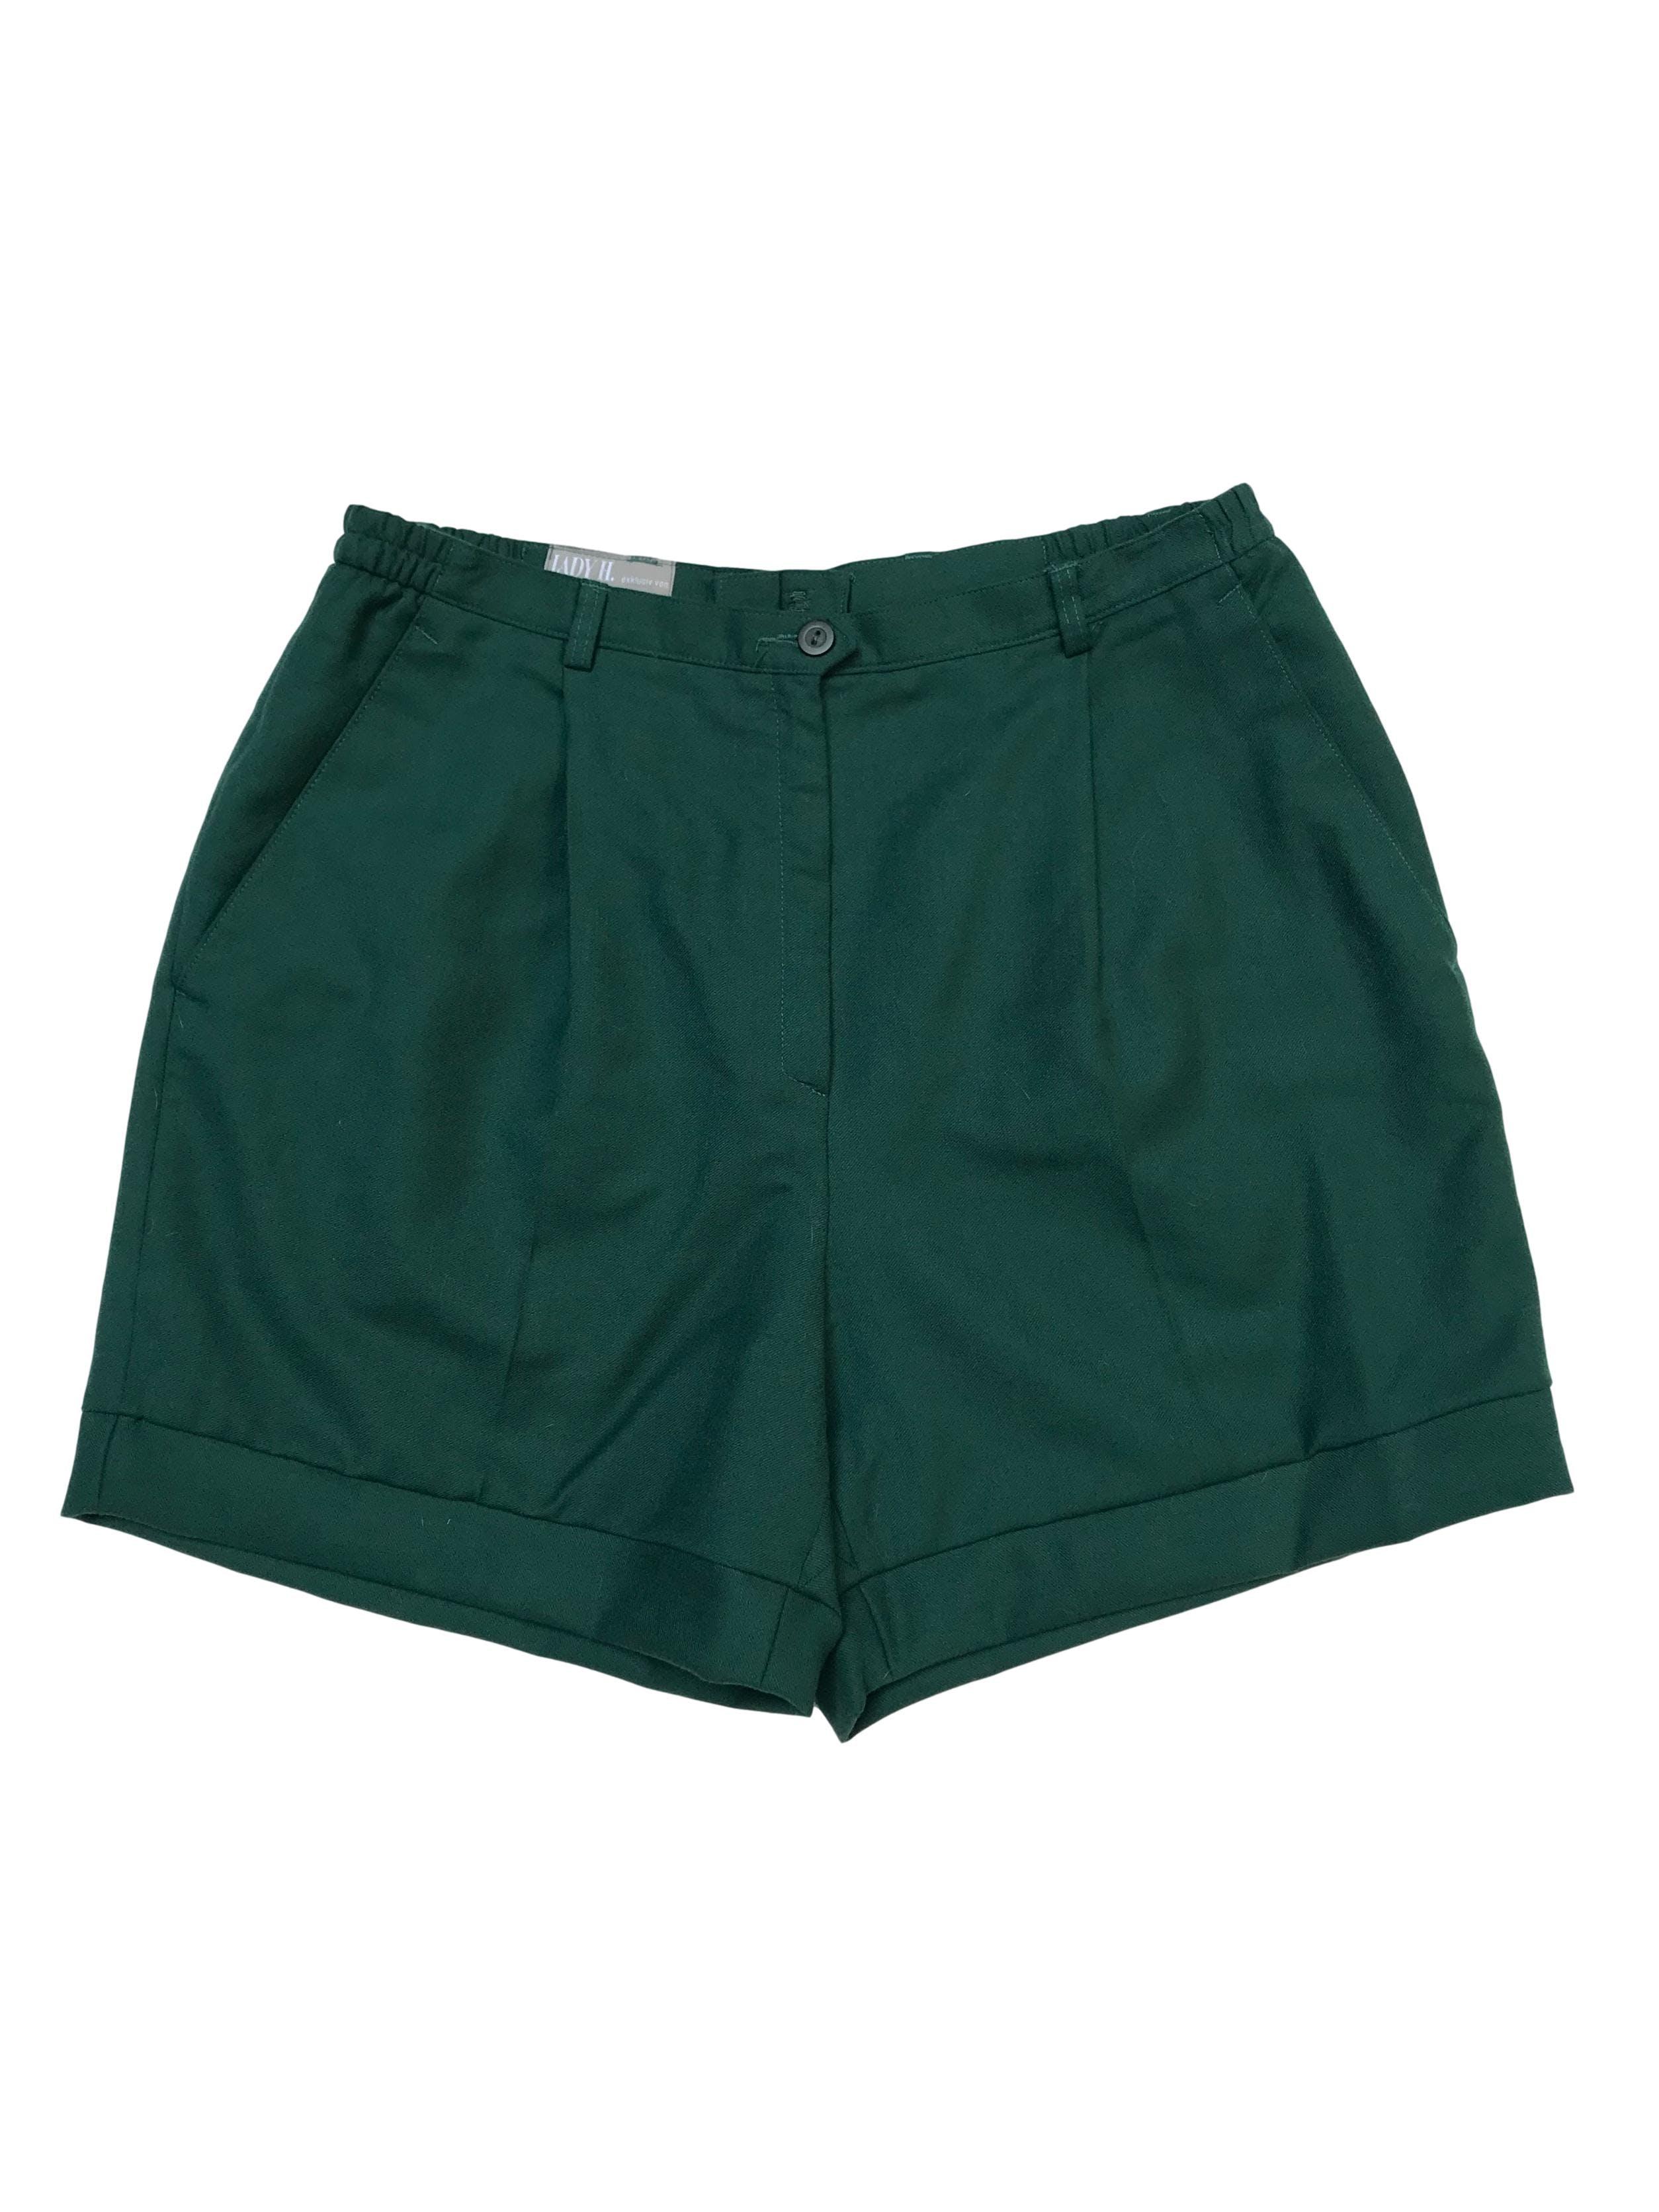 Short vintage a la cintura, de lana virgen verde, tiene pliegues delanteros y bolsillos laterales. Cintura 80cm Largo 42cm